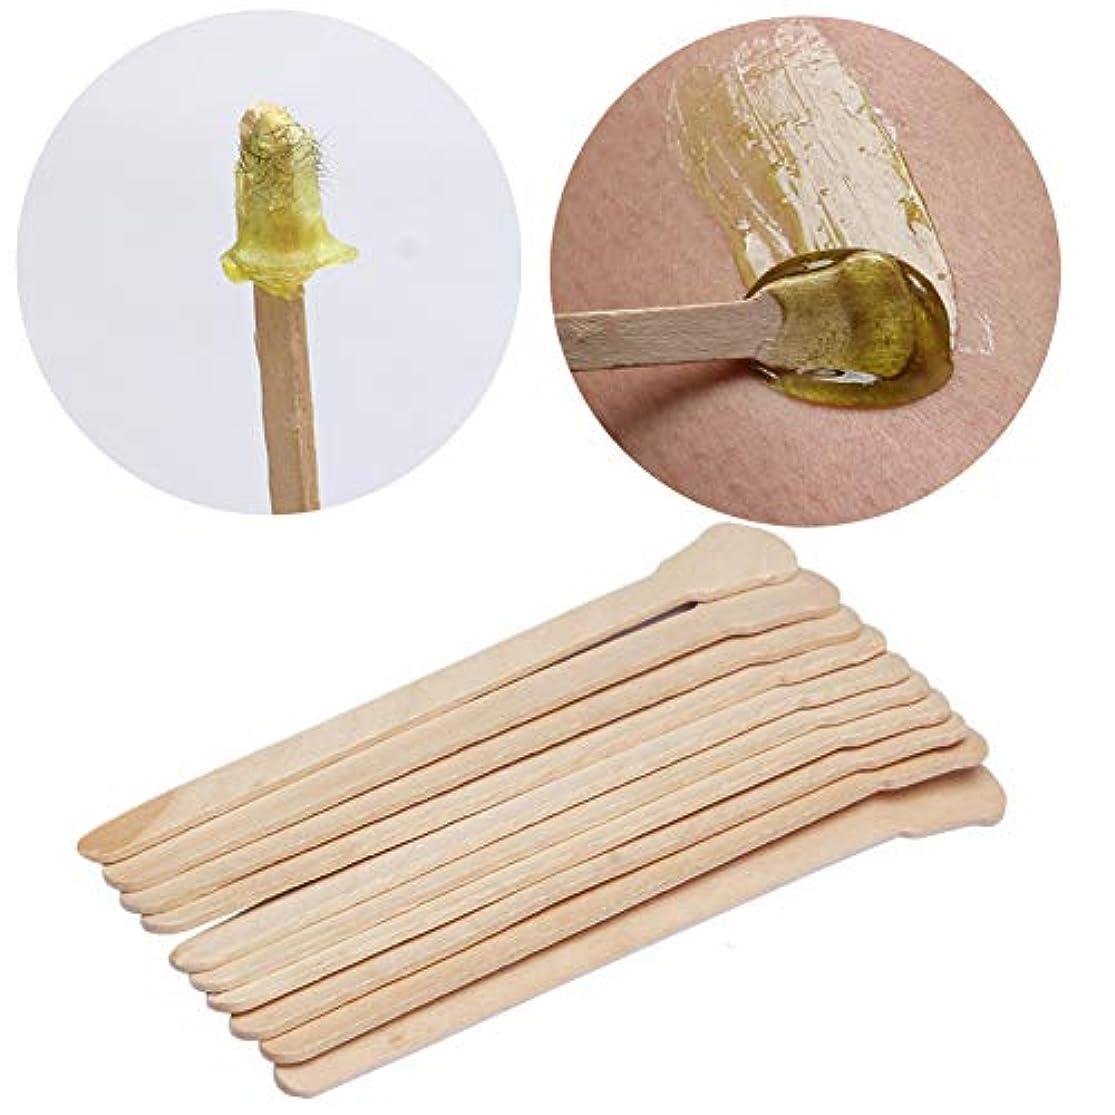 東部文明ベースKingsie 使い捨て スパチュラ 木製 50本セット 脱毛ワックス用 12.5cm アイススティック棒 化粧品 フェイスマスク、クリームなどをすくい取る際に ワックス脱毛